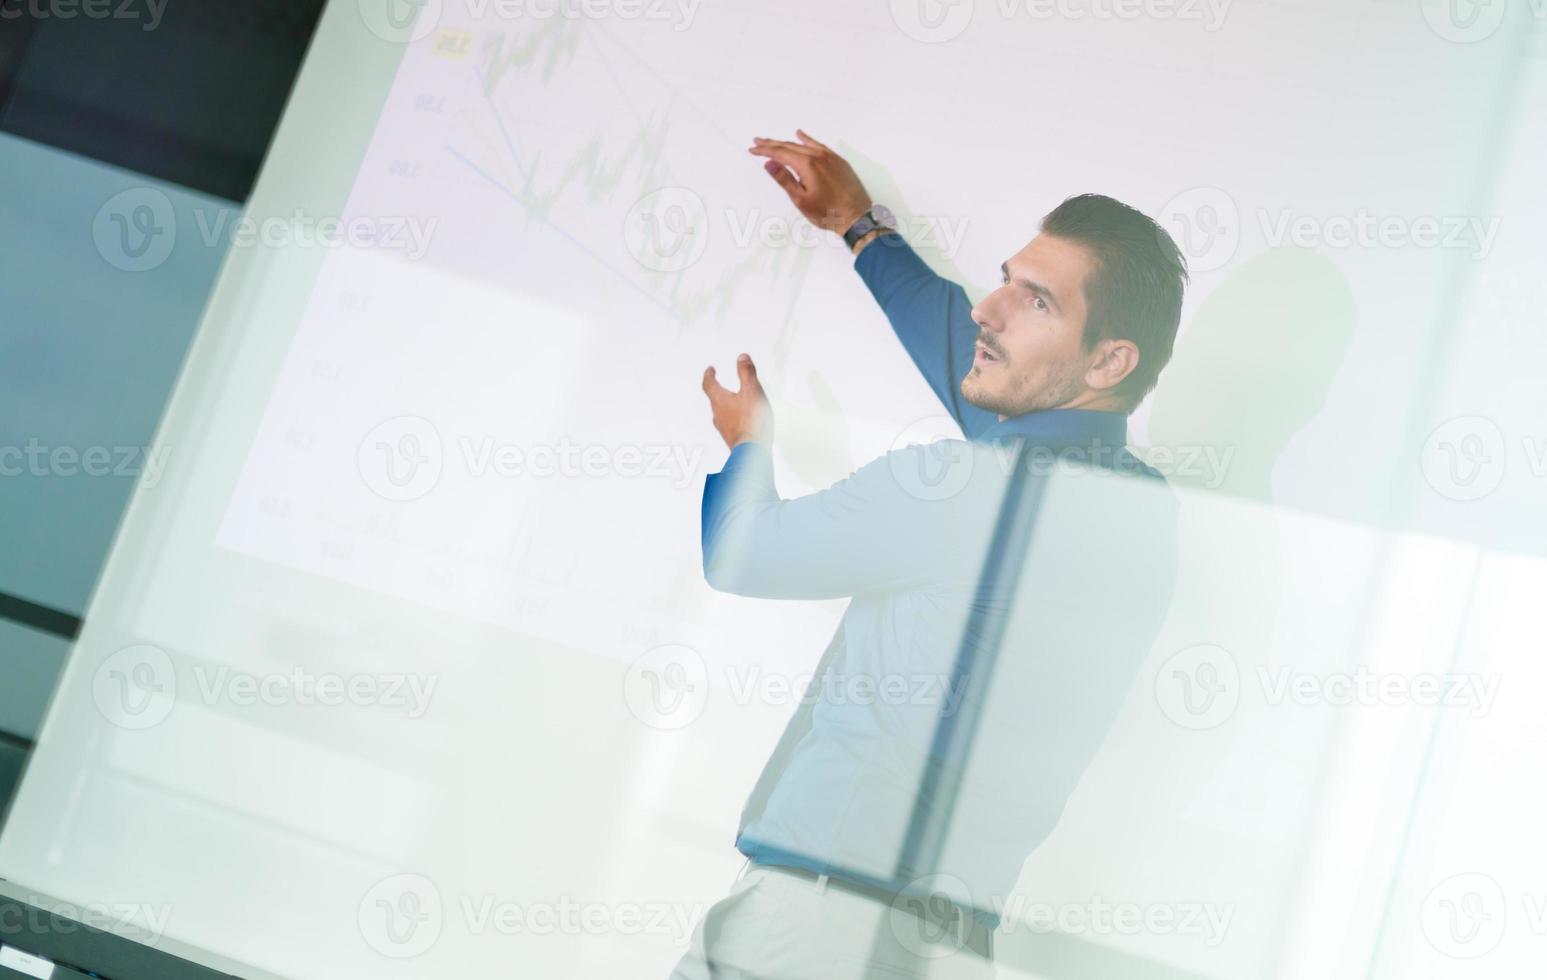 presentazione aziendale su meeting aziendali. foto